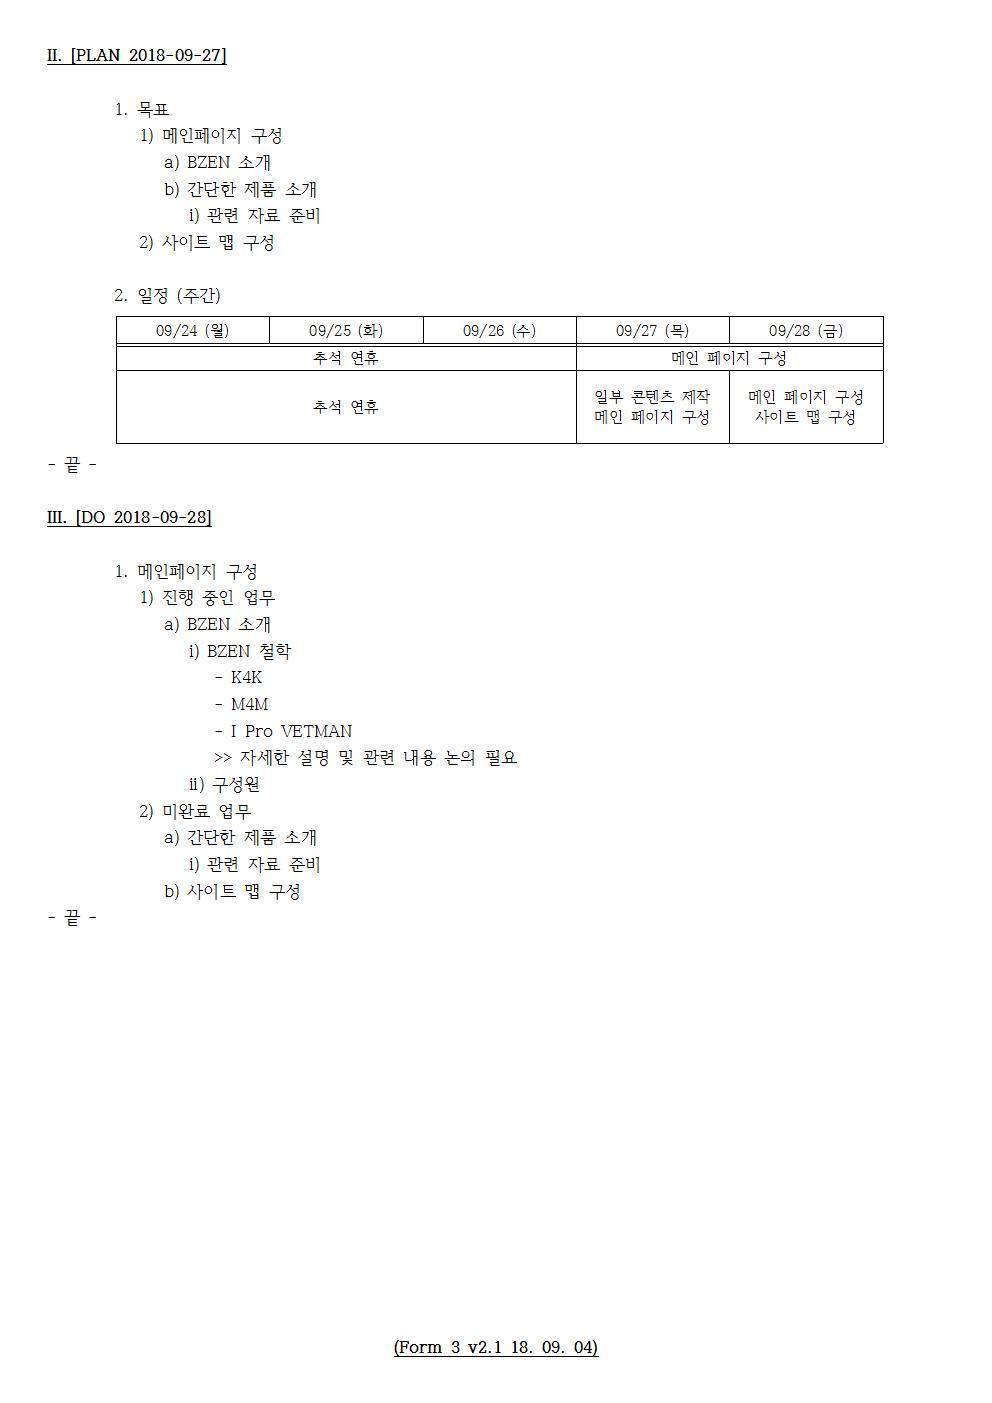 D-[18-047-BZ-07]-[BZEN HP v3.0]-[2018-09-28][JS]002.jpg